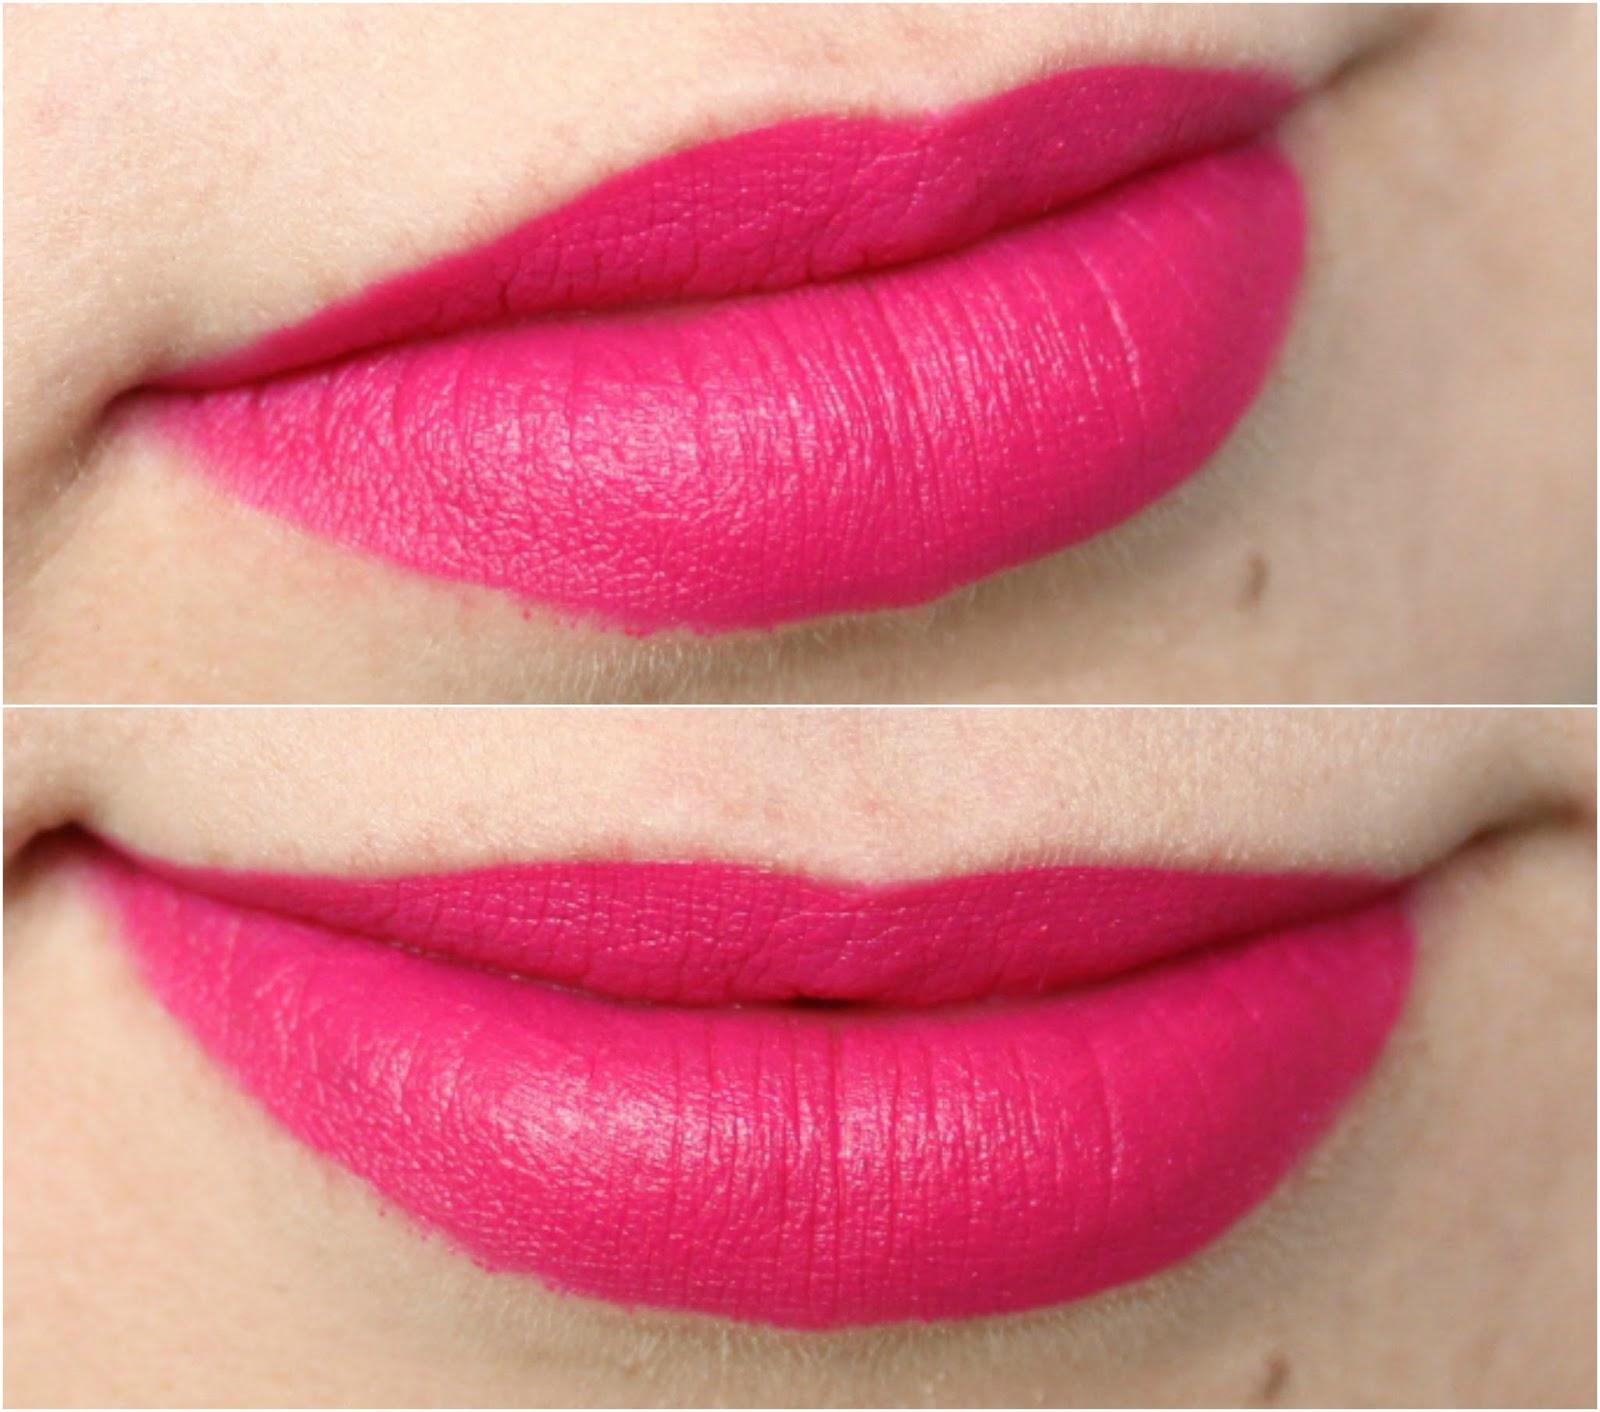 Urban Decay Matte Revolution Lipstick In Menace